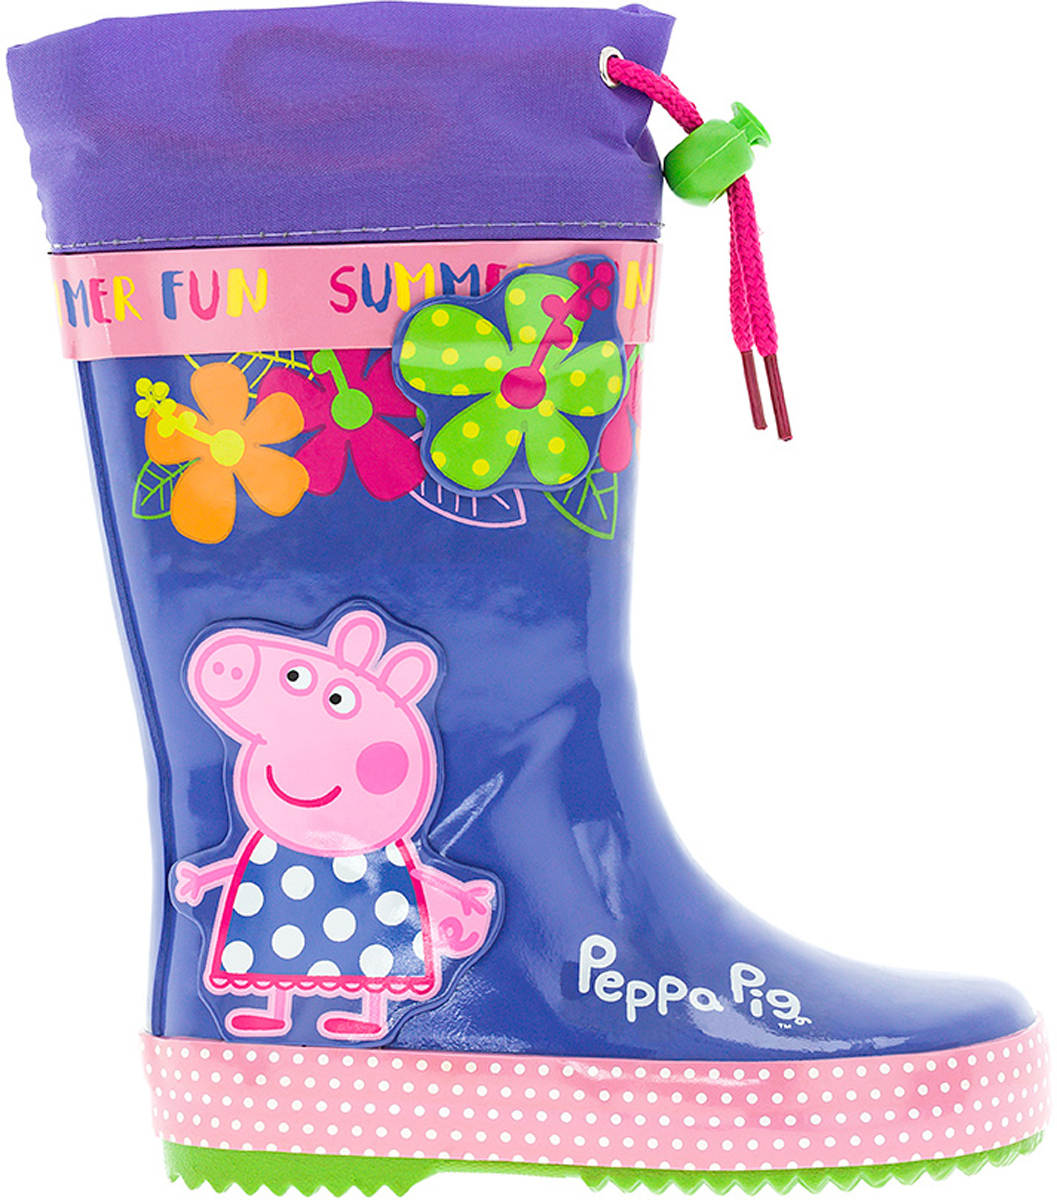 Сапоги резиновые для девочки Kakadu Peppa Pig, цвет: фиолетовый, синий, розовый. 6690CC. Размер 246690CCМодные резиновые сапоги от Kakadu - идеальная обувь в дождливую погоду для вашей девочки. Модель оформлена красочным принтом с изображением цветов и Свинки Пеппы и дополнена текстильной манжетой на кулиске для регулировки объема голенища. Внутренняя поверхность из байки с текстилем и съемная стелька способствуют поддержанию тепла и комфортны при ходьбе. Подошва с протектором гарантирует отличное сцепление с любой поверхностью. Резиновые сапоги - необходимая вещь в гардеробе каждого ребенка.